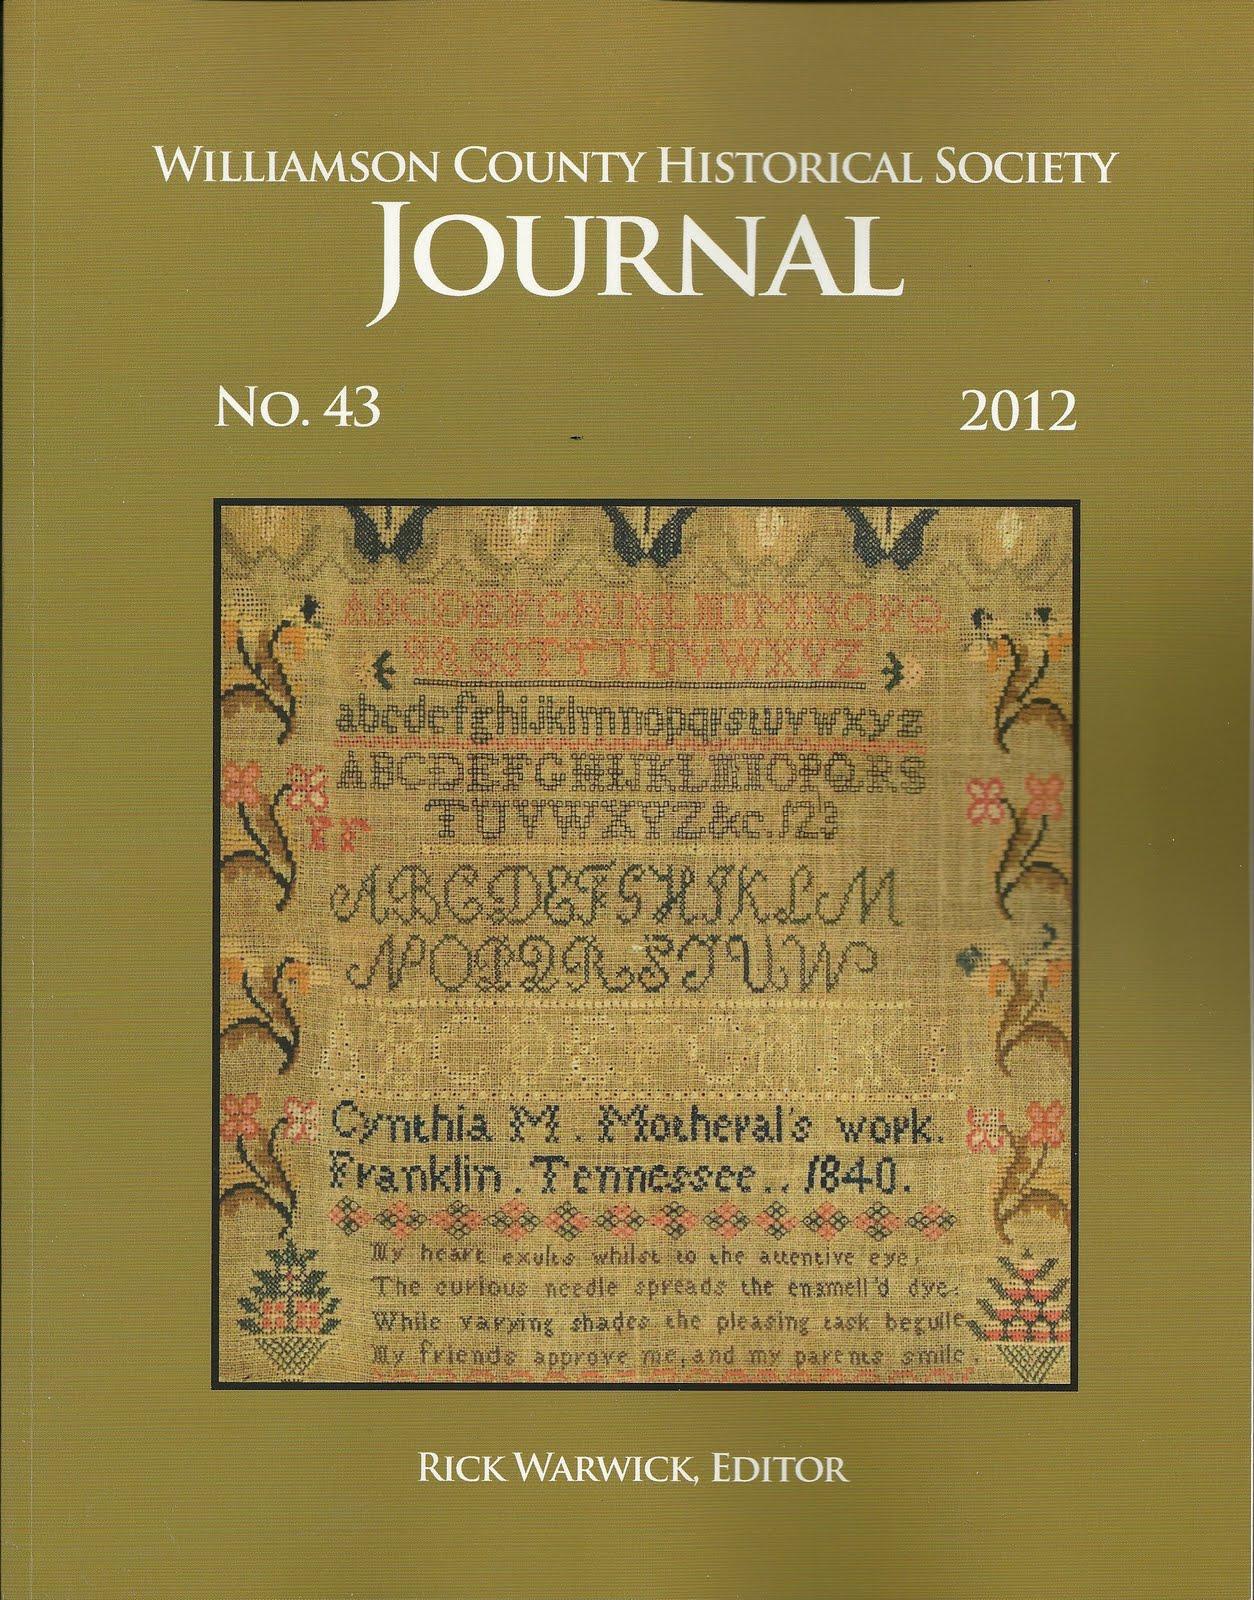 http://3.bp.blogspot.com/-F0mH0tpazn0/TqSP7VLTPwI/AAAAAAAAAY0/bchel69DjAk/s1600/article%252Bcover.jpg